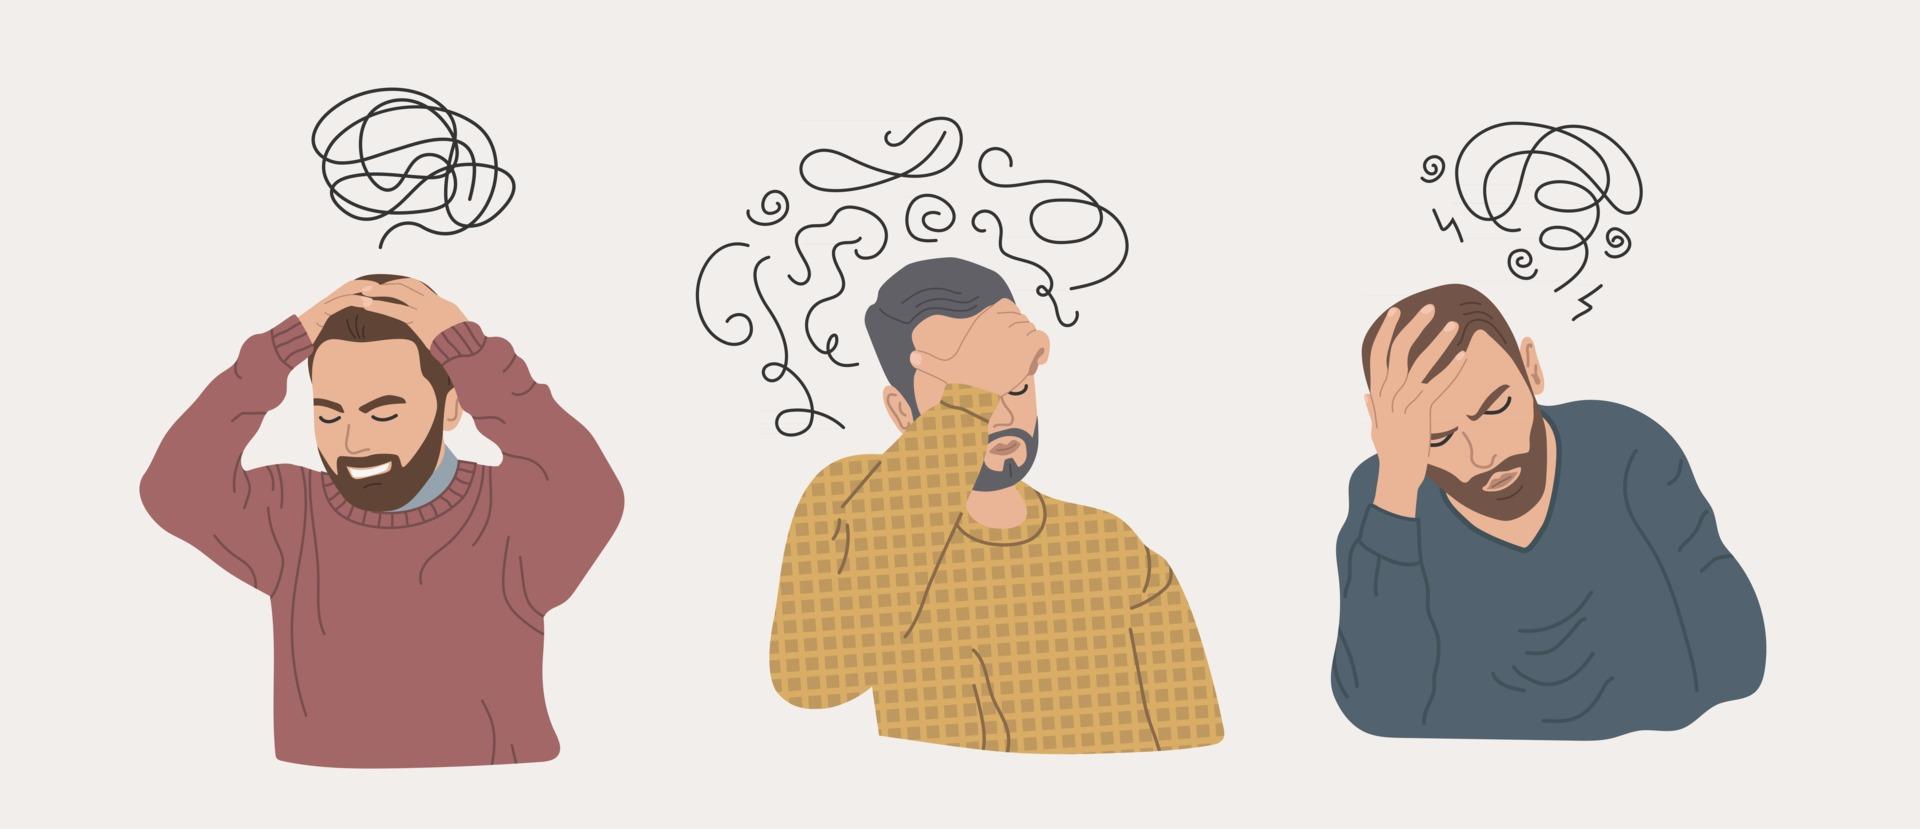 hombres con estrés y depresión personas frustradas enfermedad mental  2424265 Vector en Vecteezy